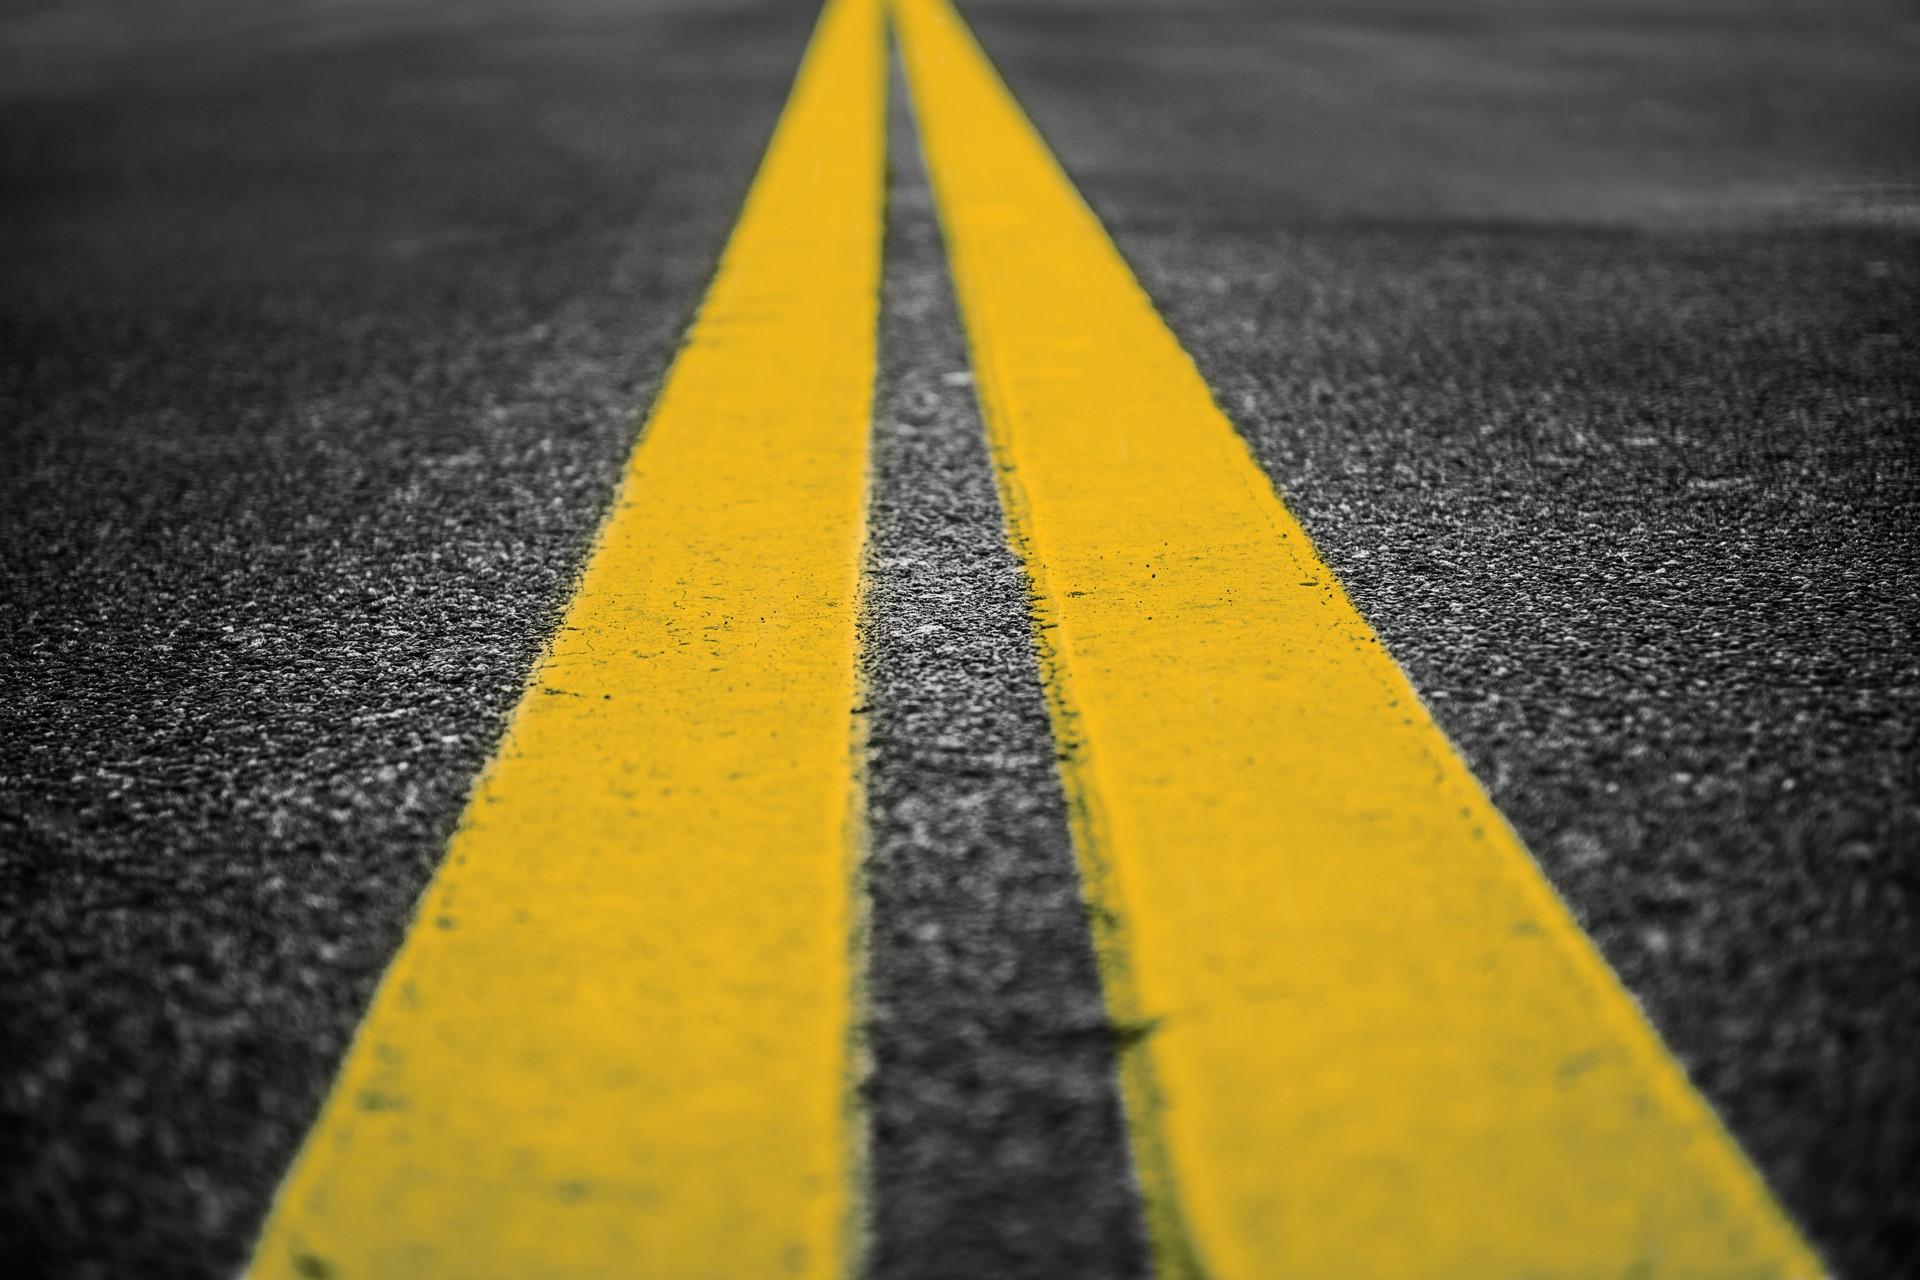 На наиболее аварийных участках дорог области появится желтая разметка